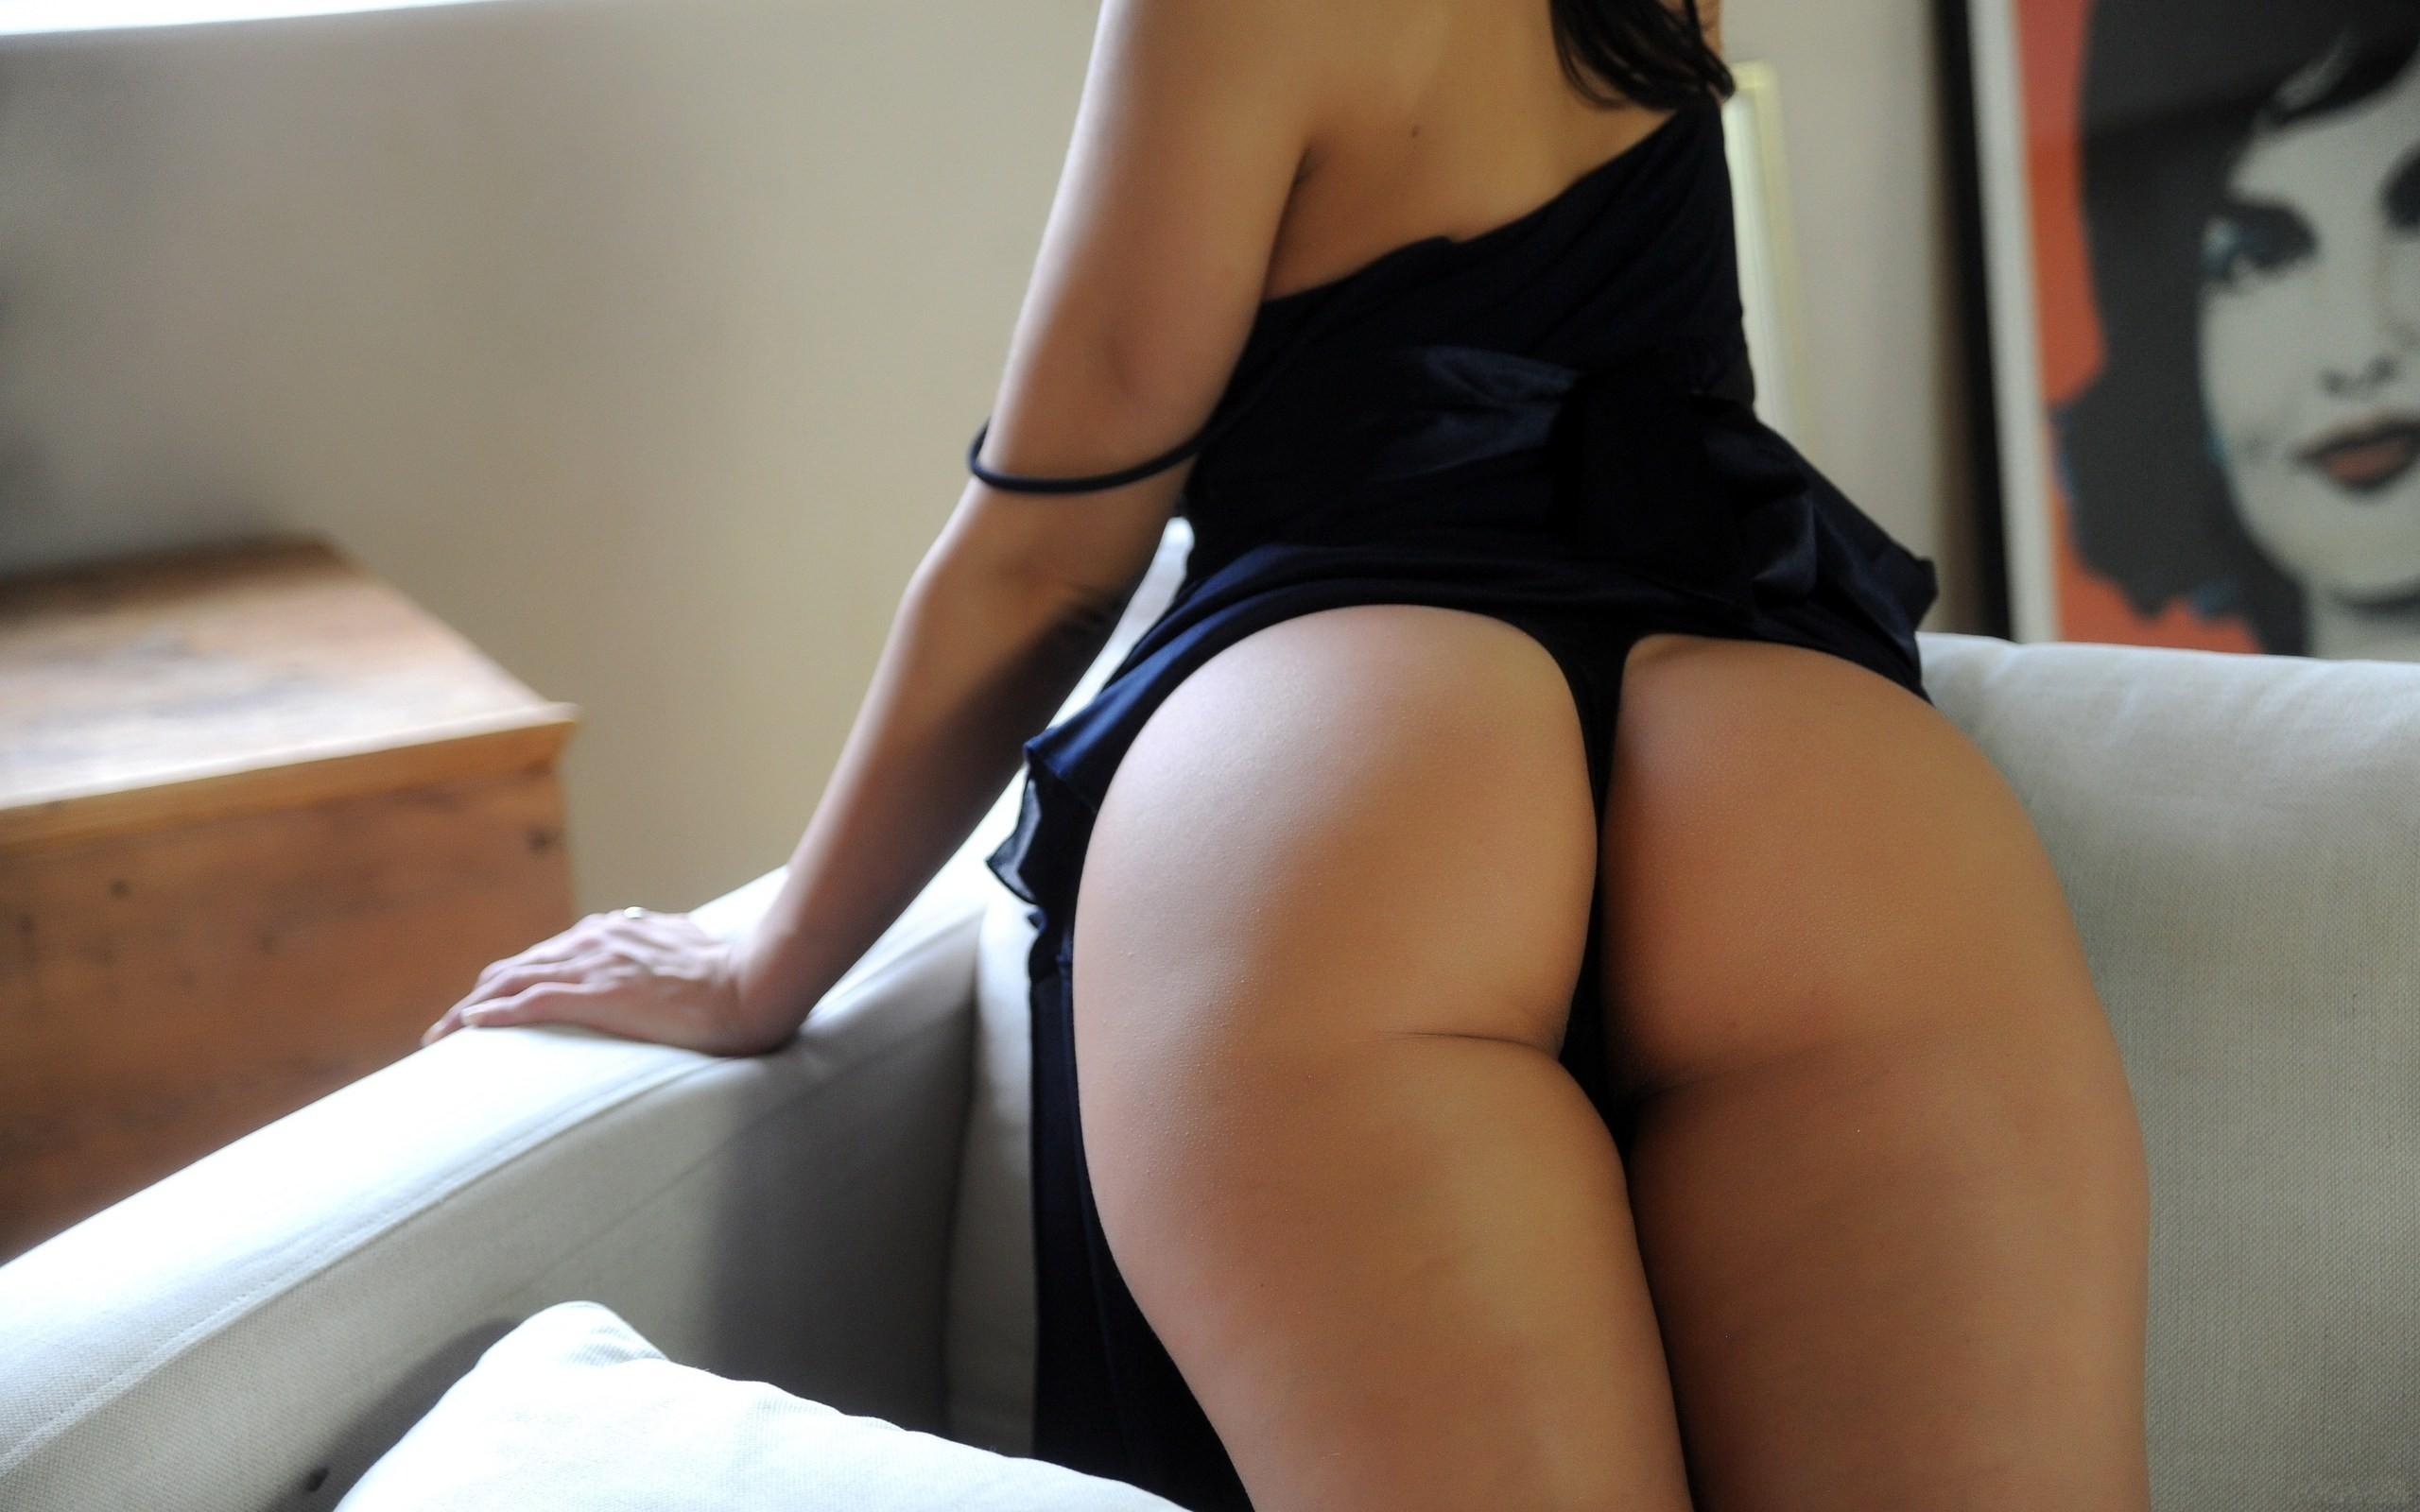 Neat ass